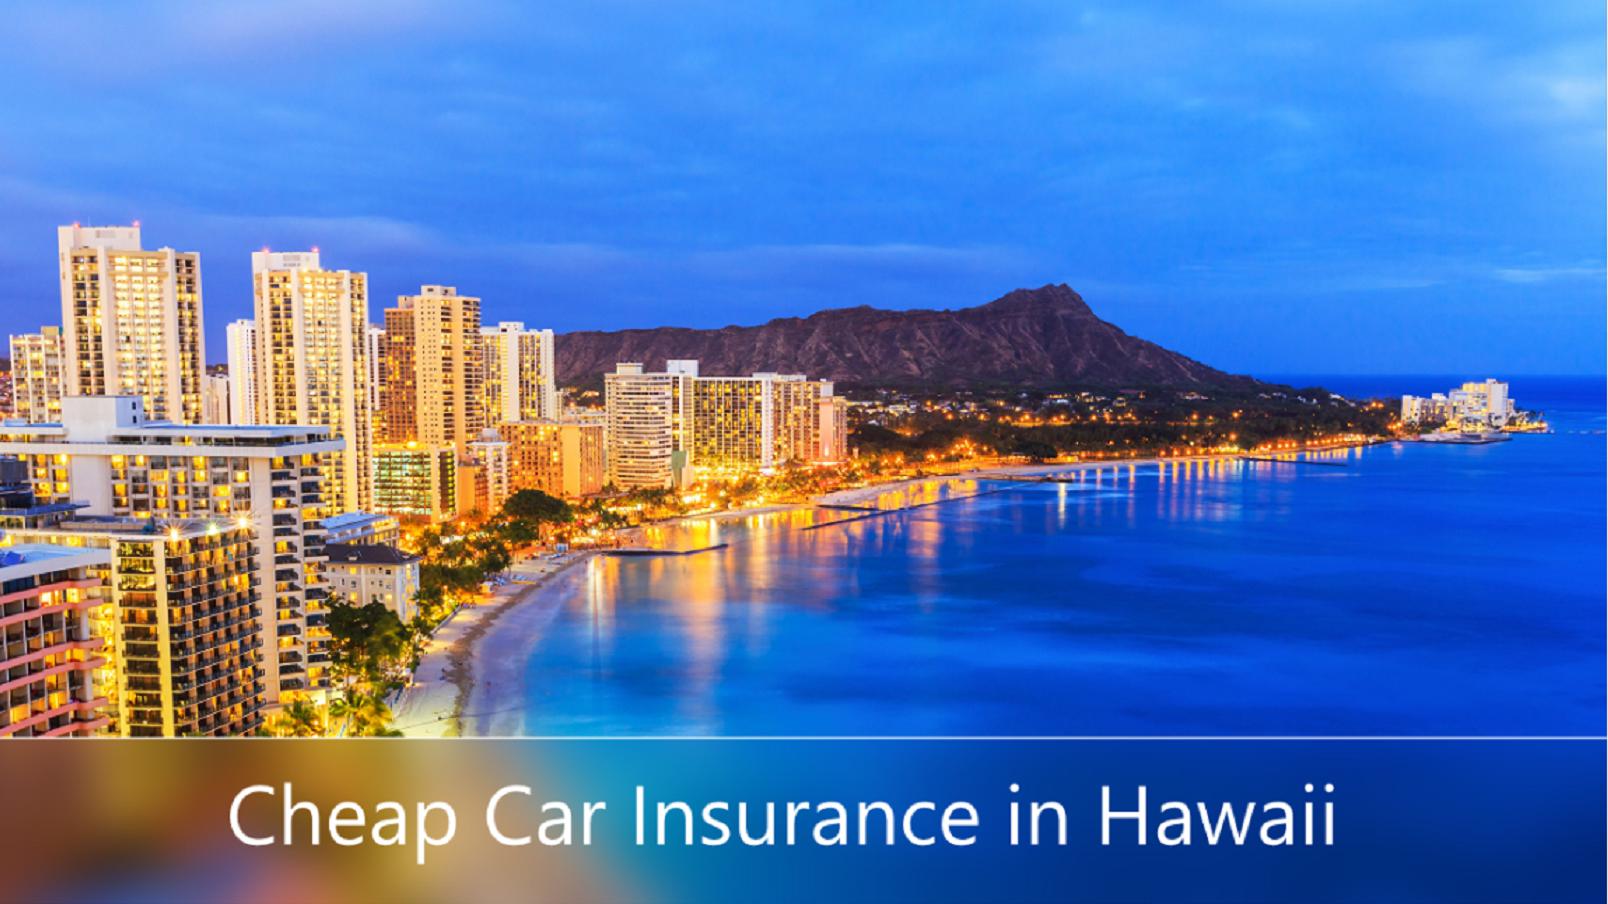 Cheap car insurance in Hawaii